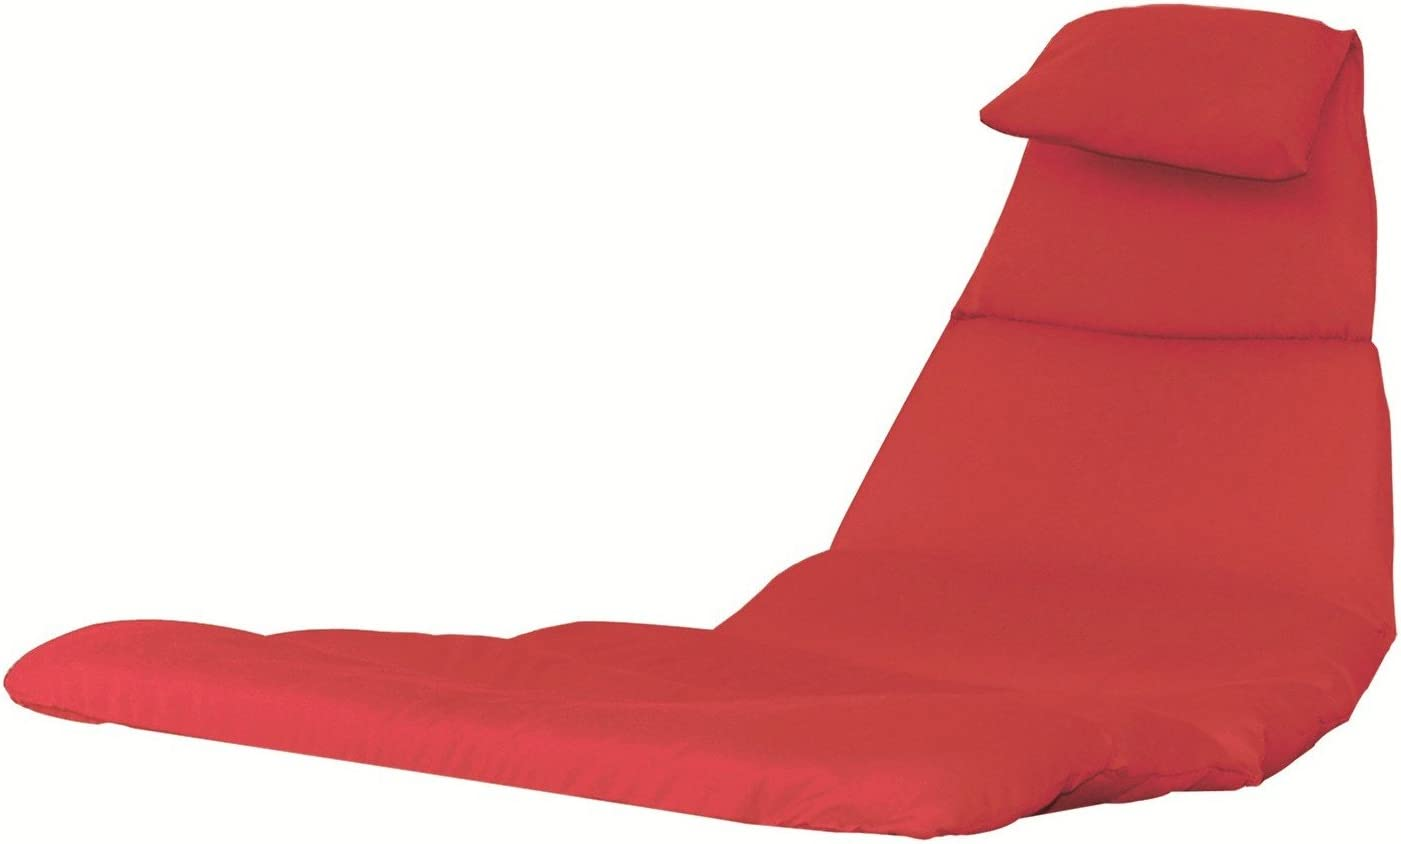 Vivere Dream Series Furniture Cushion